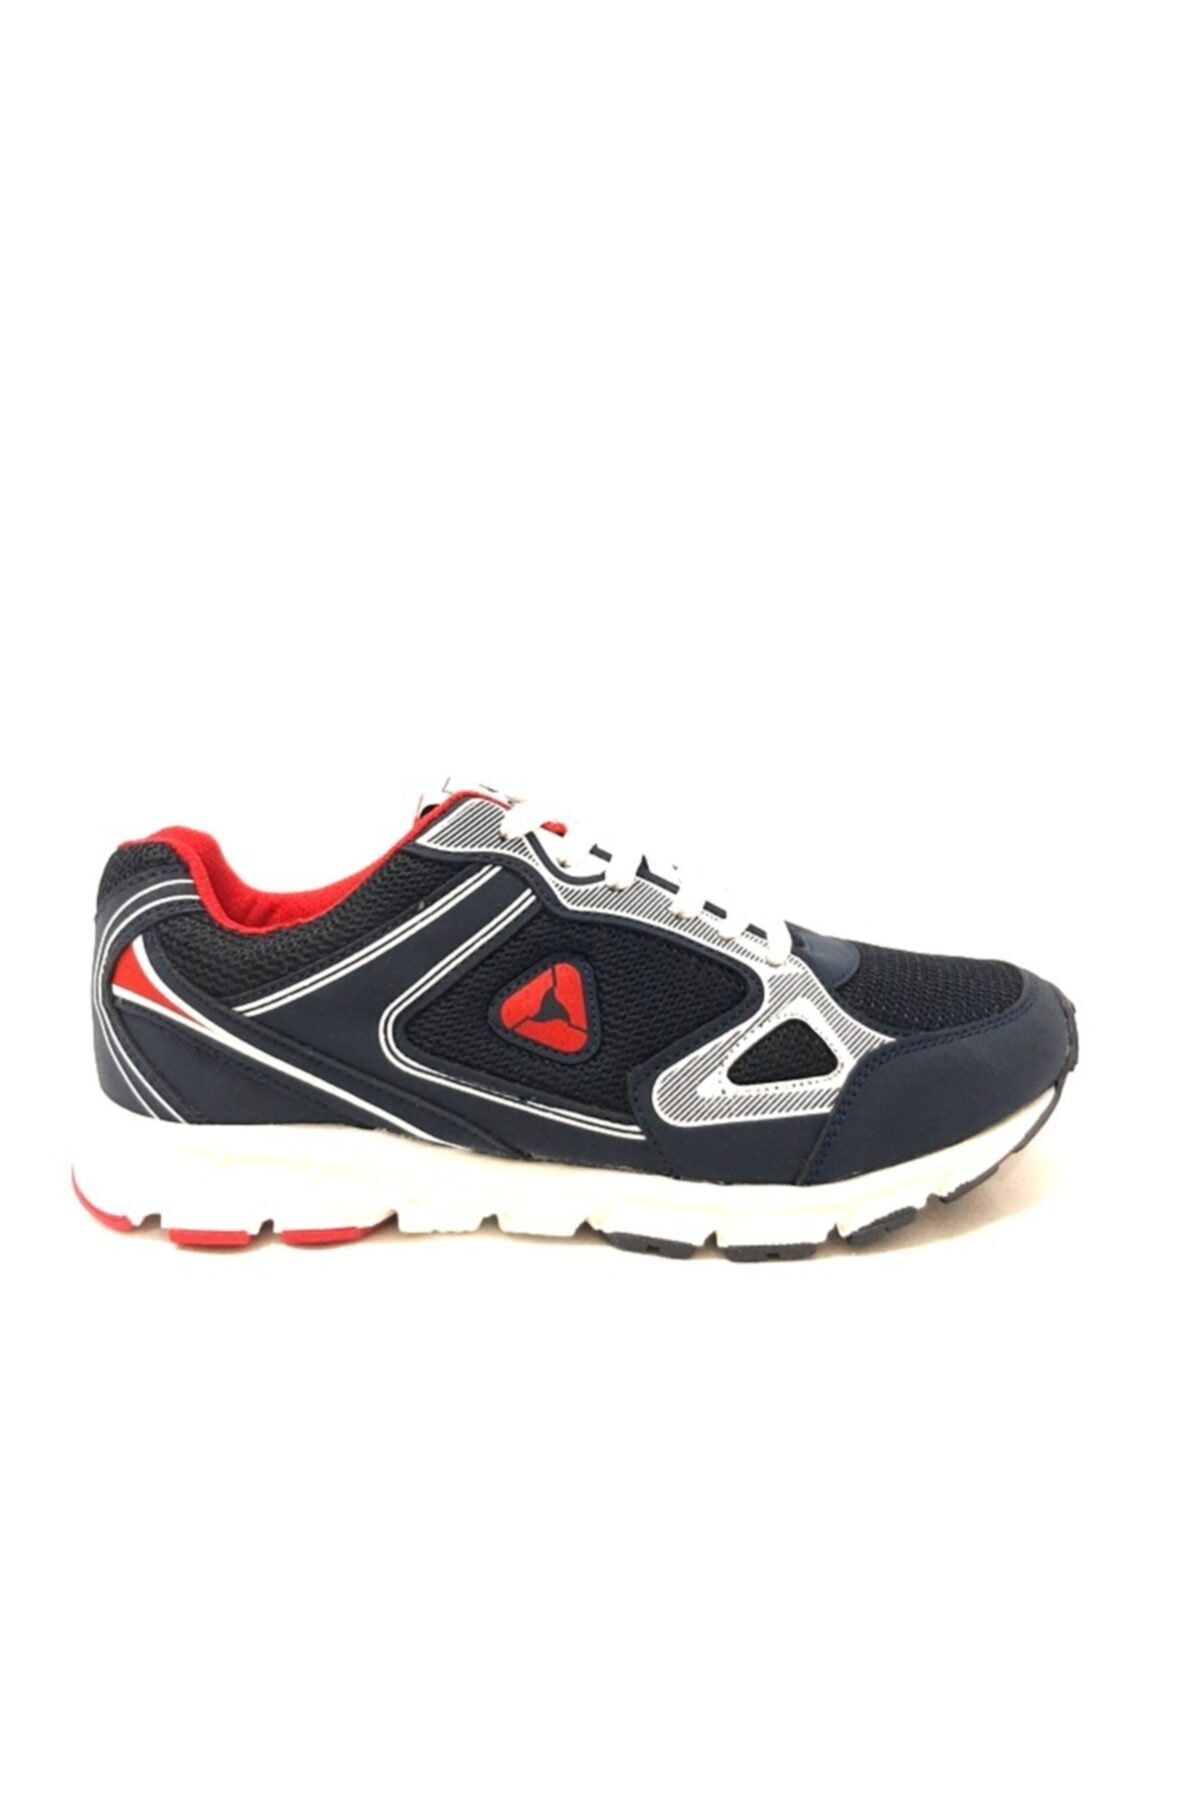 LETOON Antibakteriel Unisex Lacivert Spor Ayakkabı 1